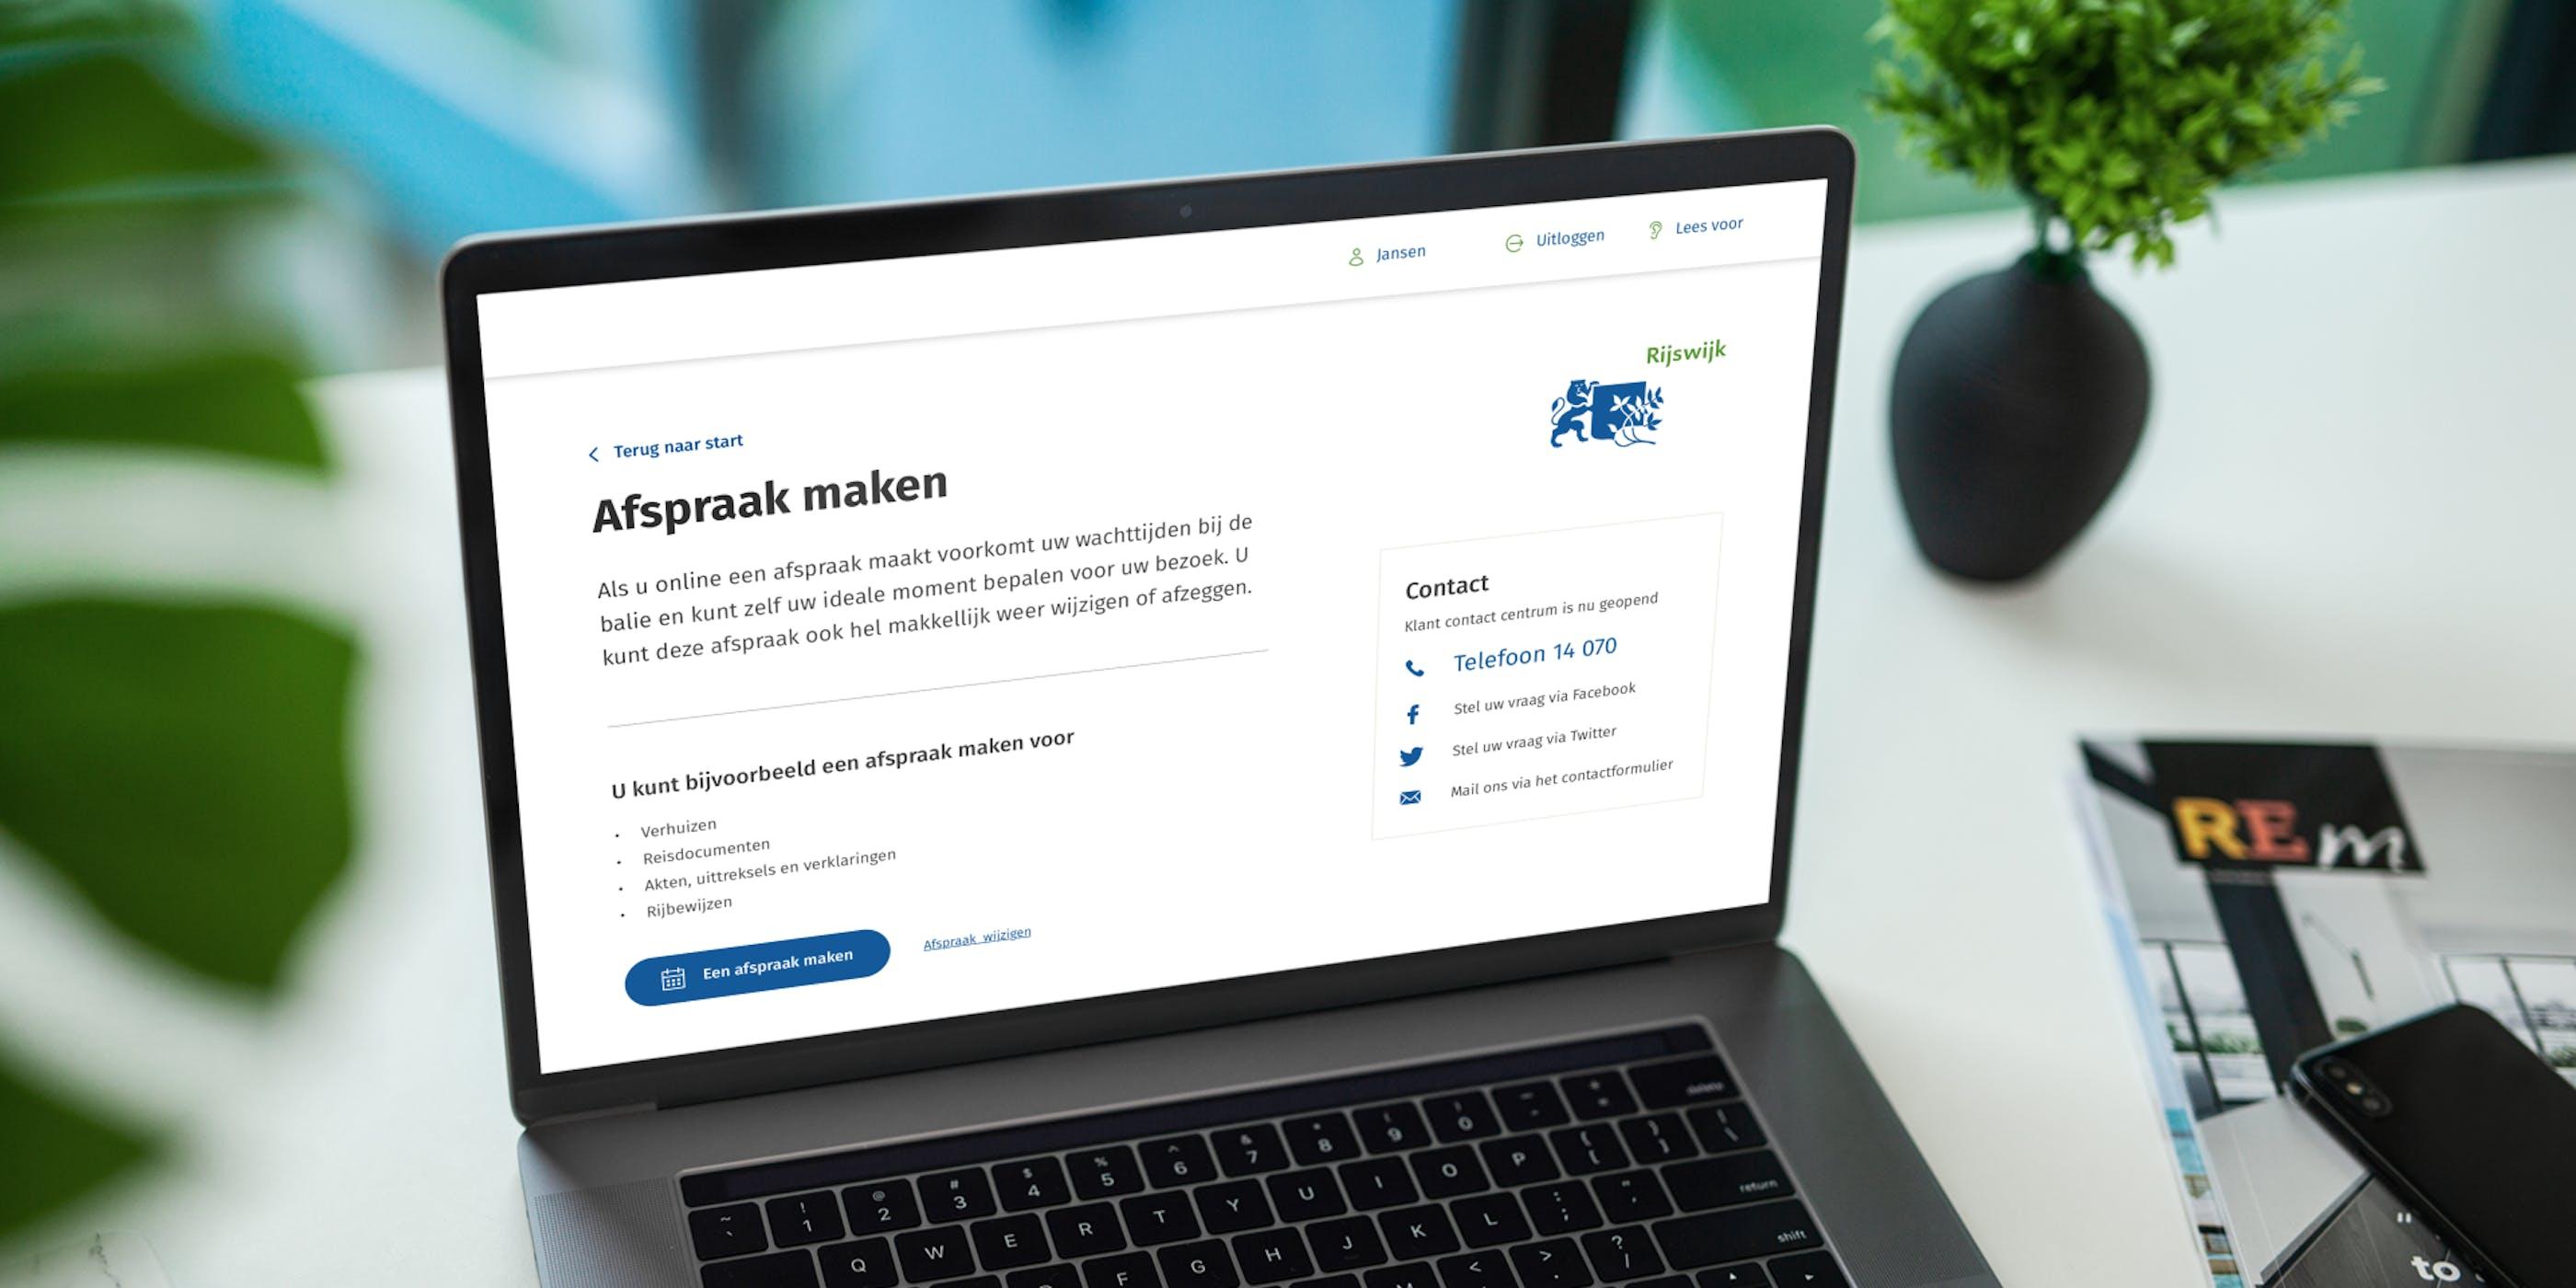 nieuwe burger service portaal van Gemeente Rijswijk is live